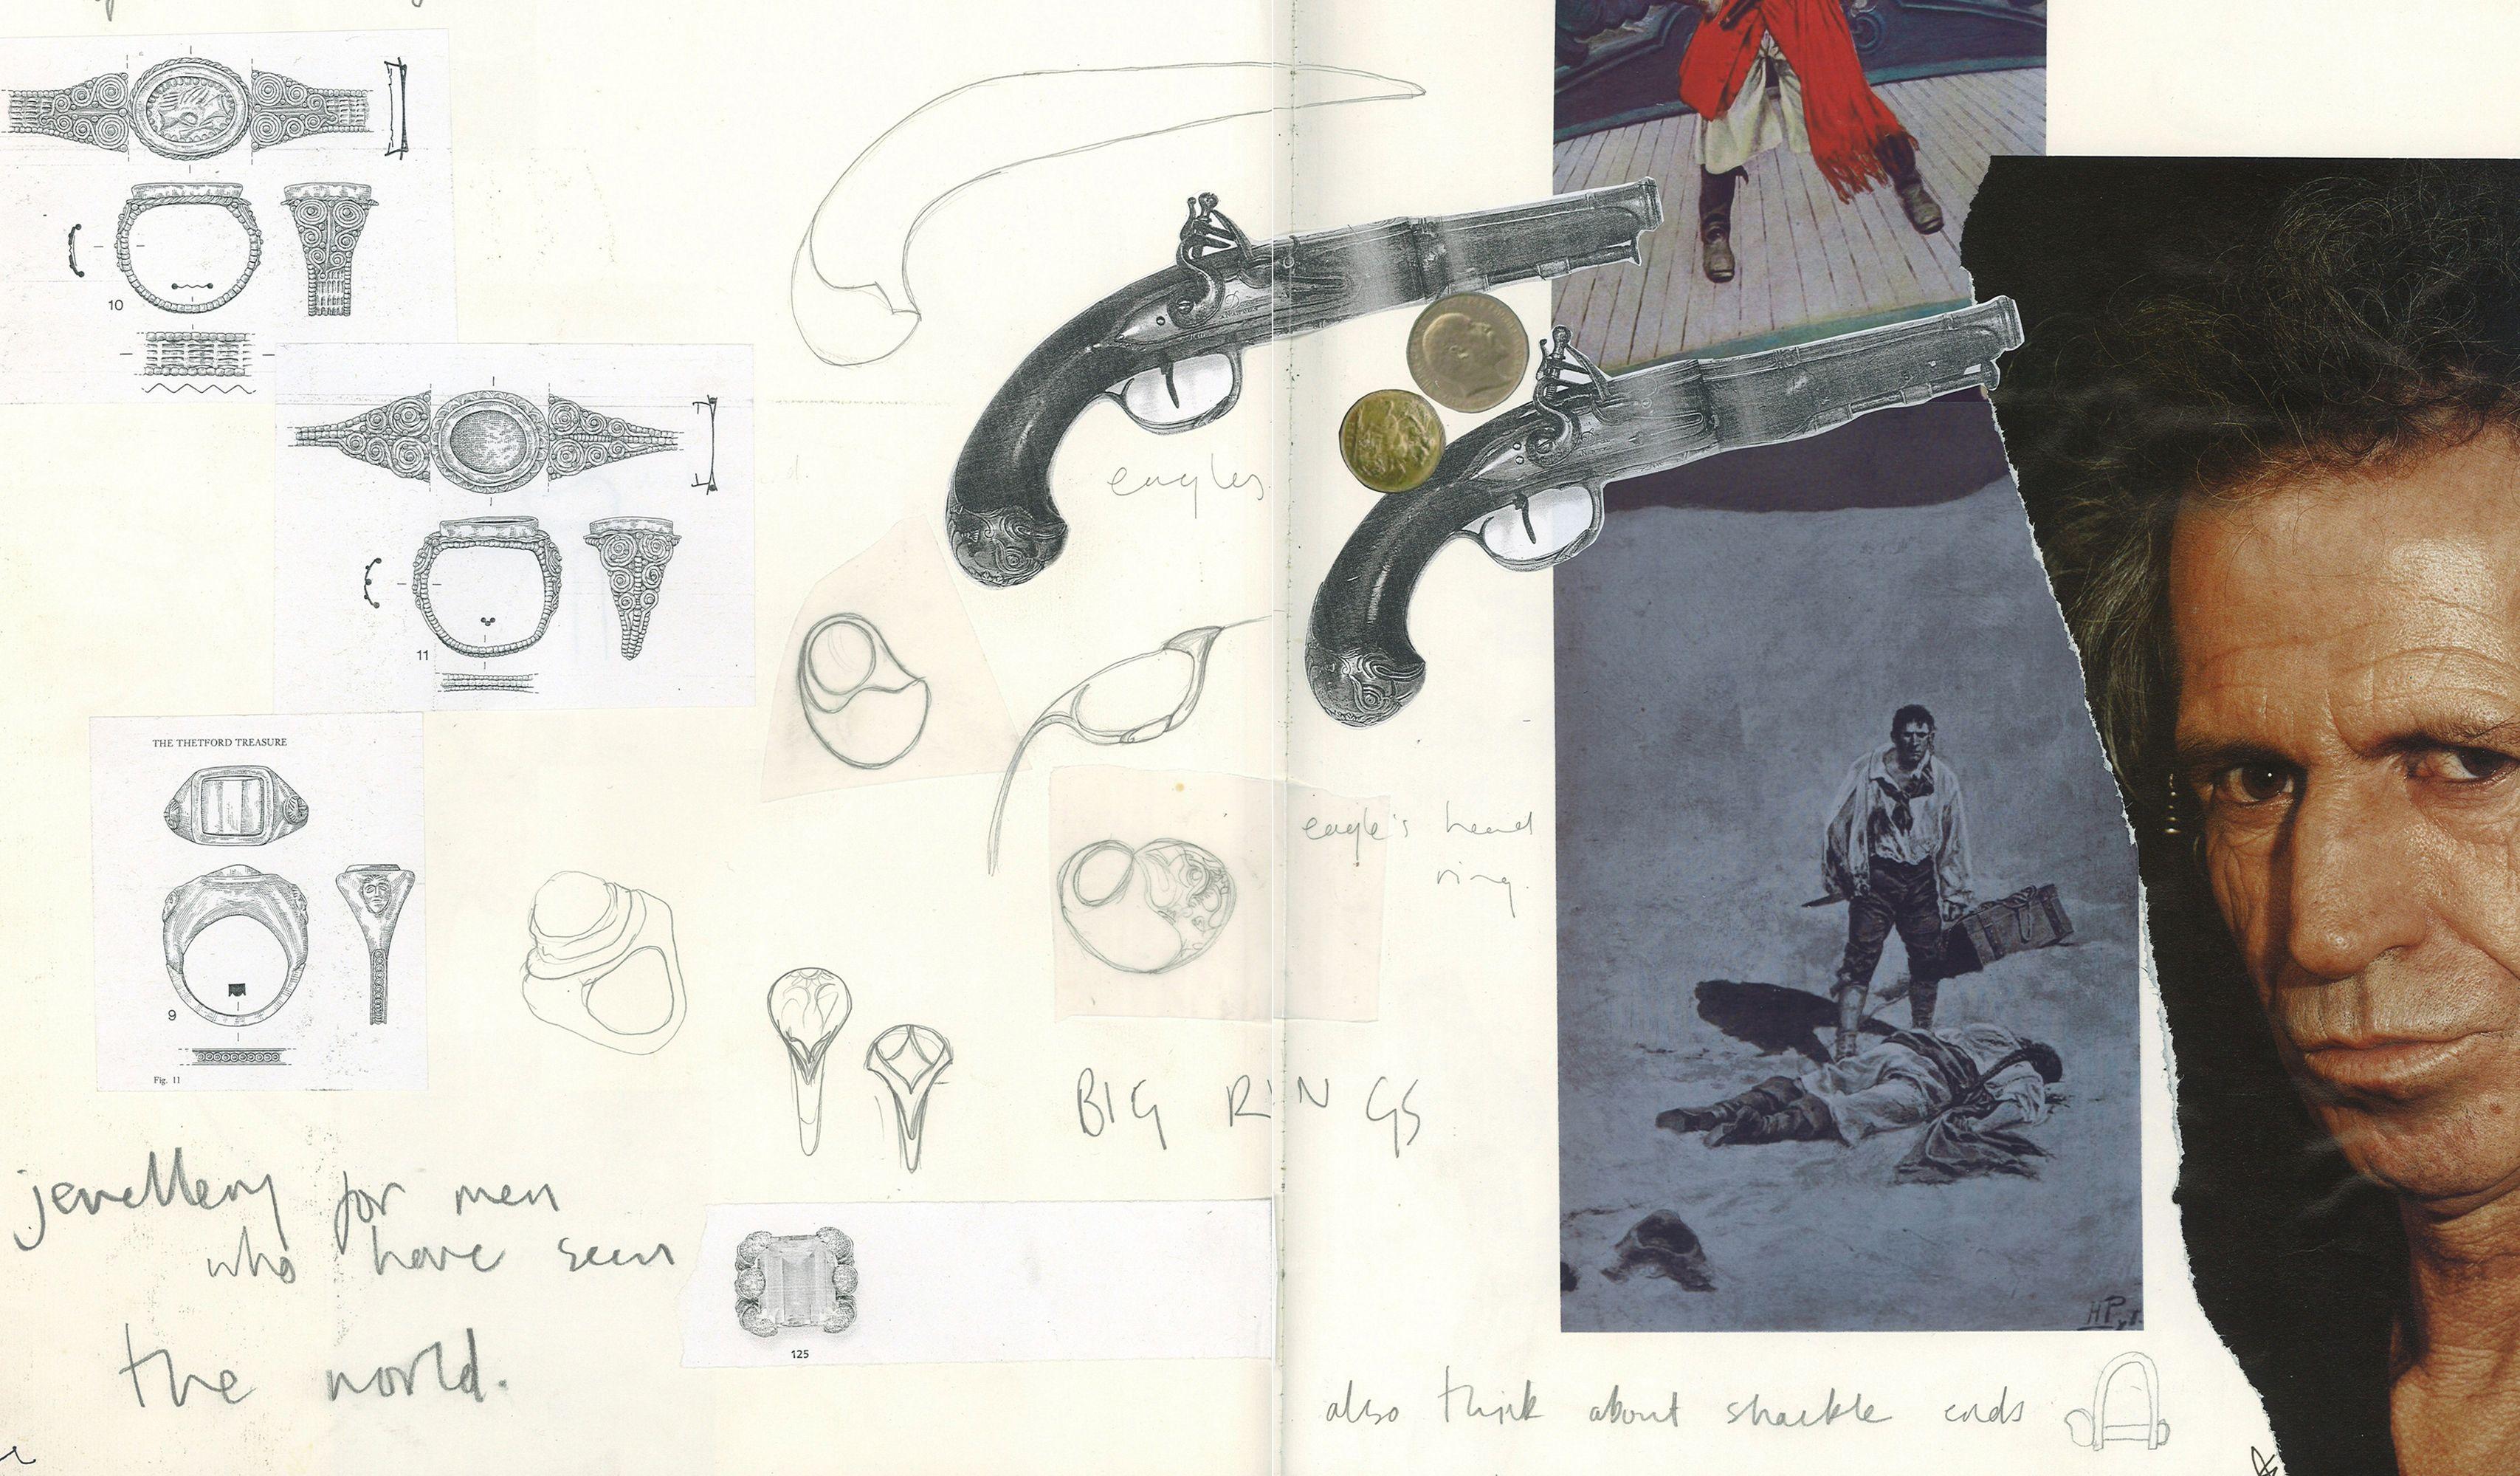 Aguila Dorada: Sketchbook design development. Shop collection: https://www.hannahmartinlondon.com/shop-category/116-aguila-dorada#/price-375-21400